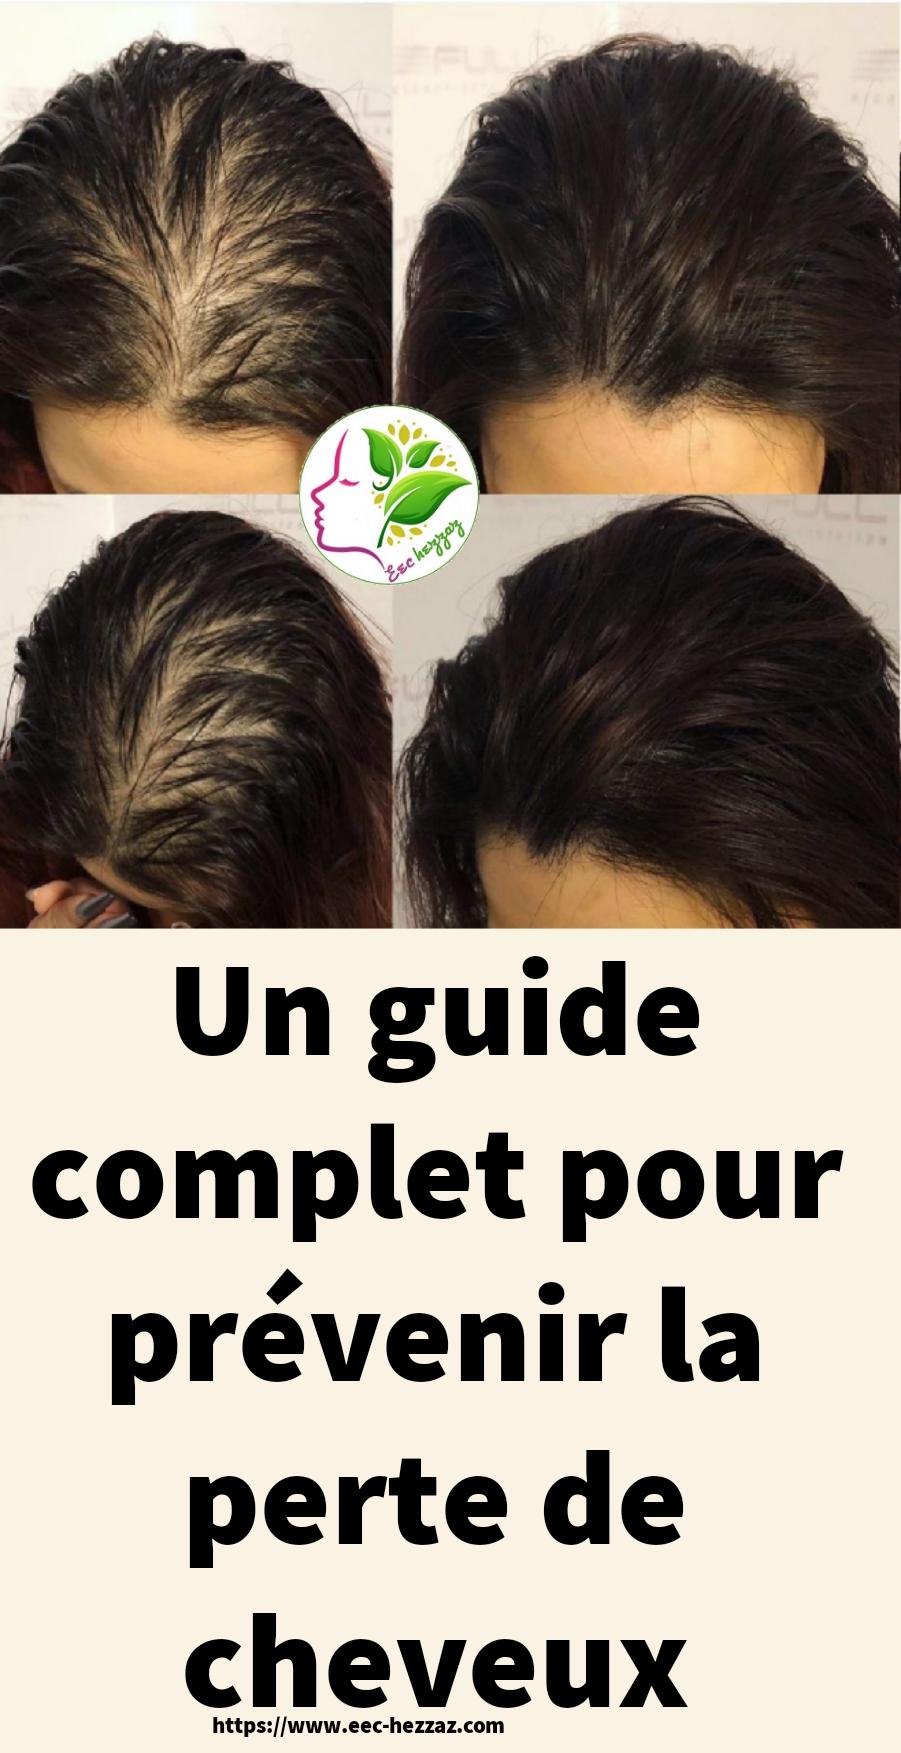 Un guide complet pour prévenir la perte de cheveux